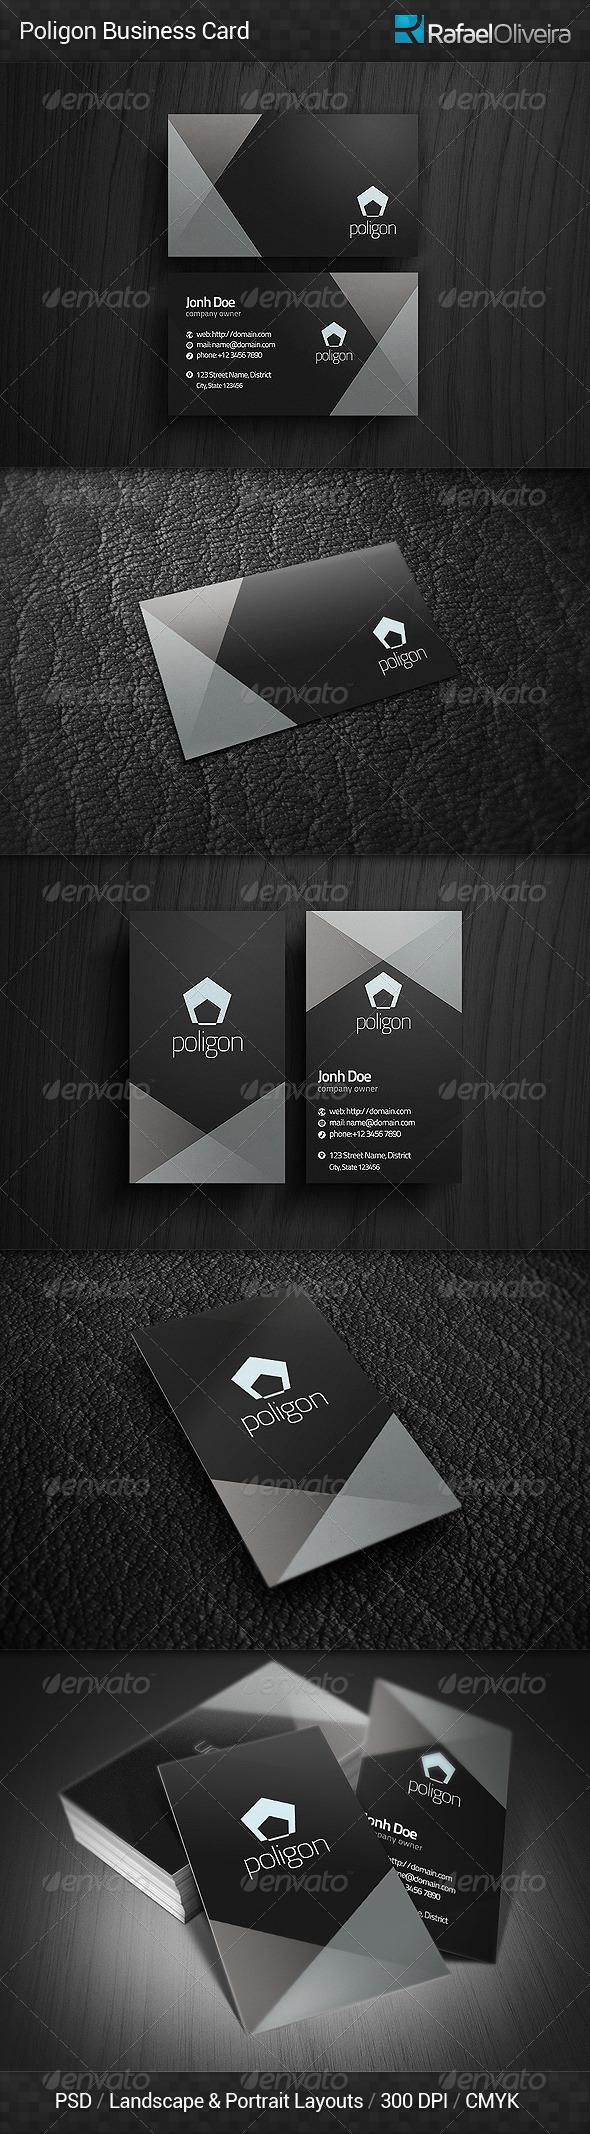 GraphicRiver Poligon Business Card 5043206